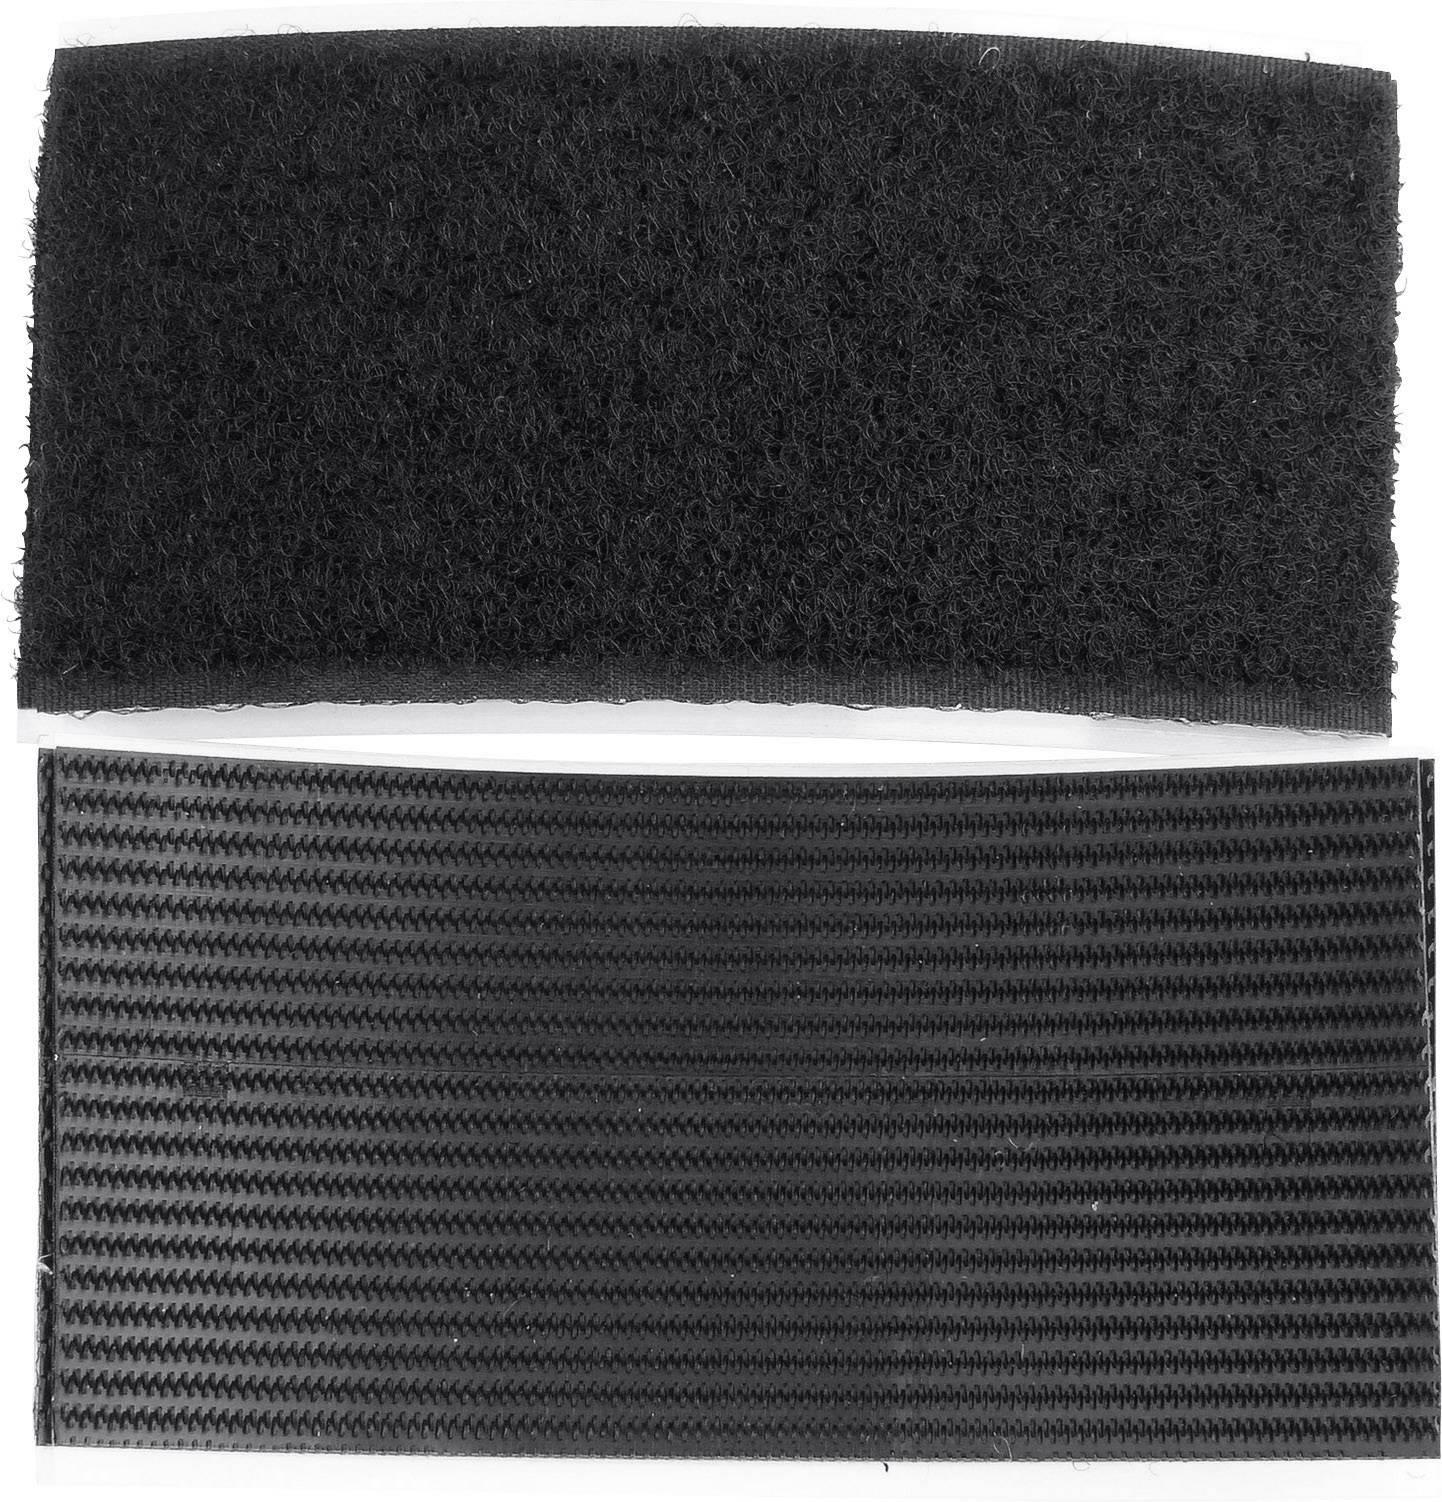 Lepiaci pásik so suchým zipsom TRU COMPONENTS 730-330-2-Bag, (d x š) 100 mm x 50 mm, 1 pár